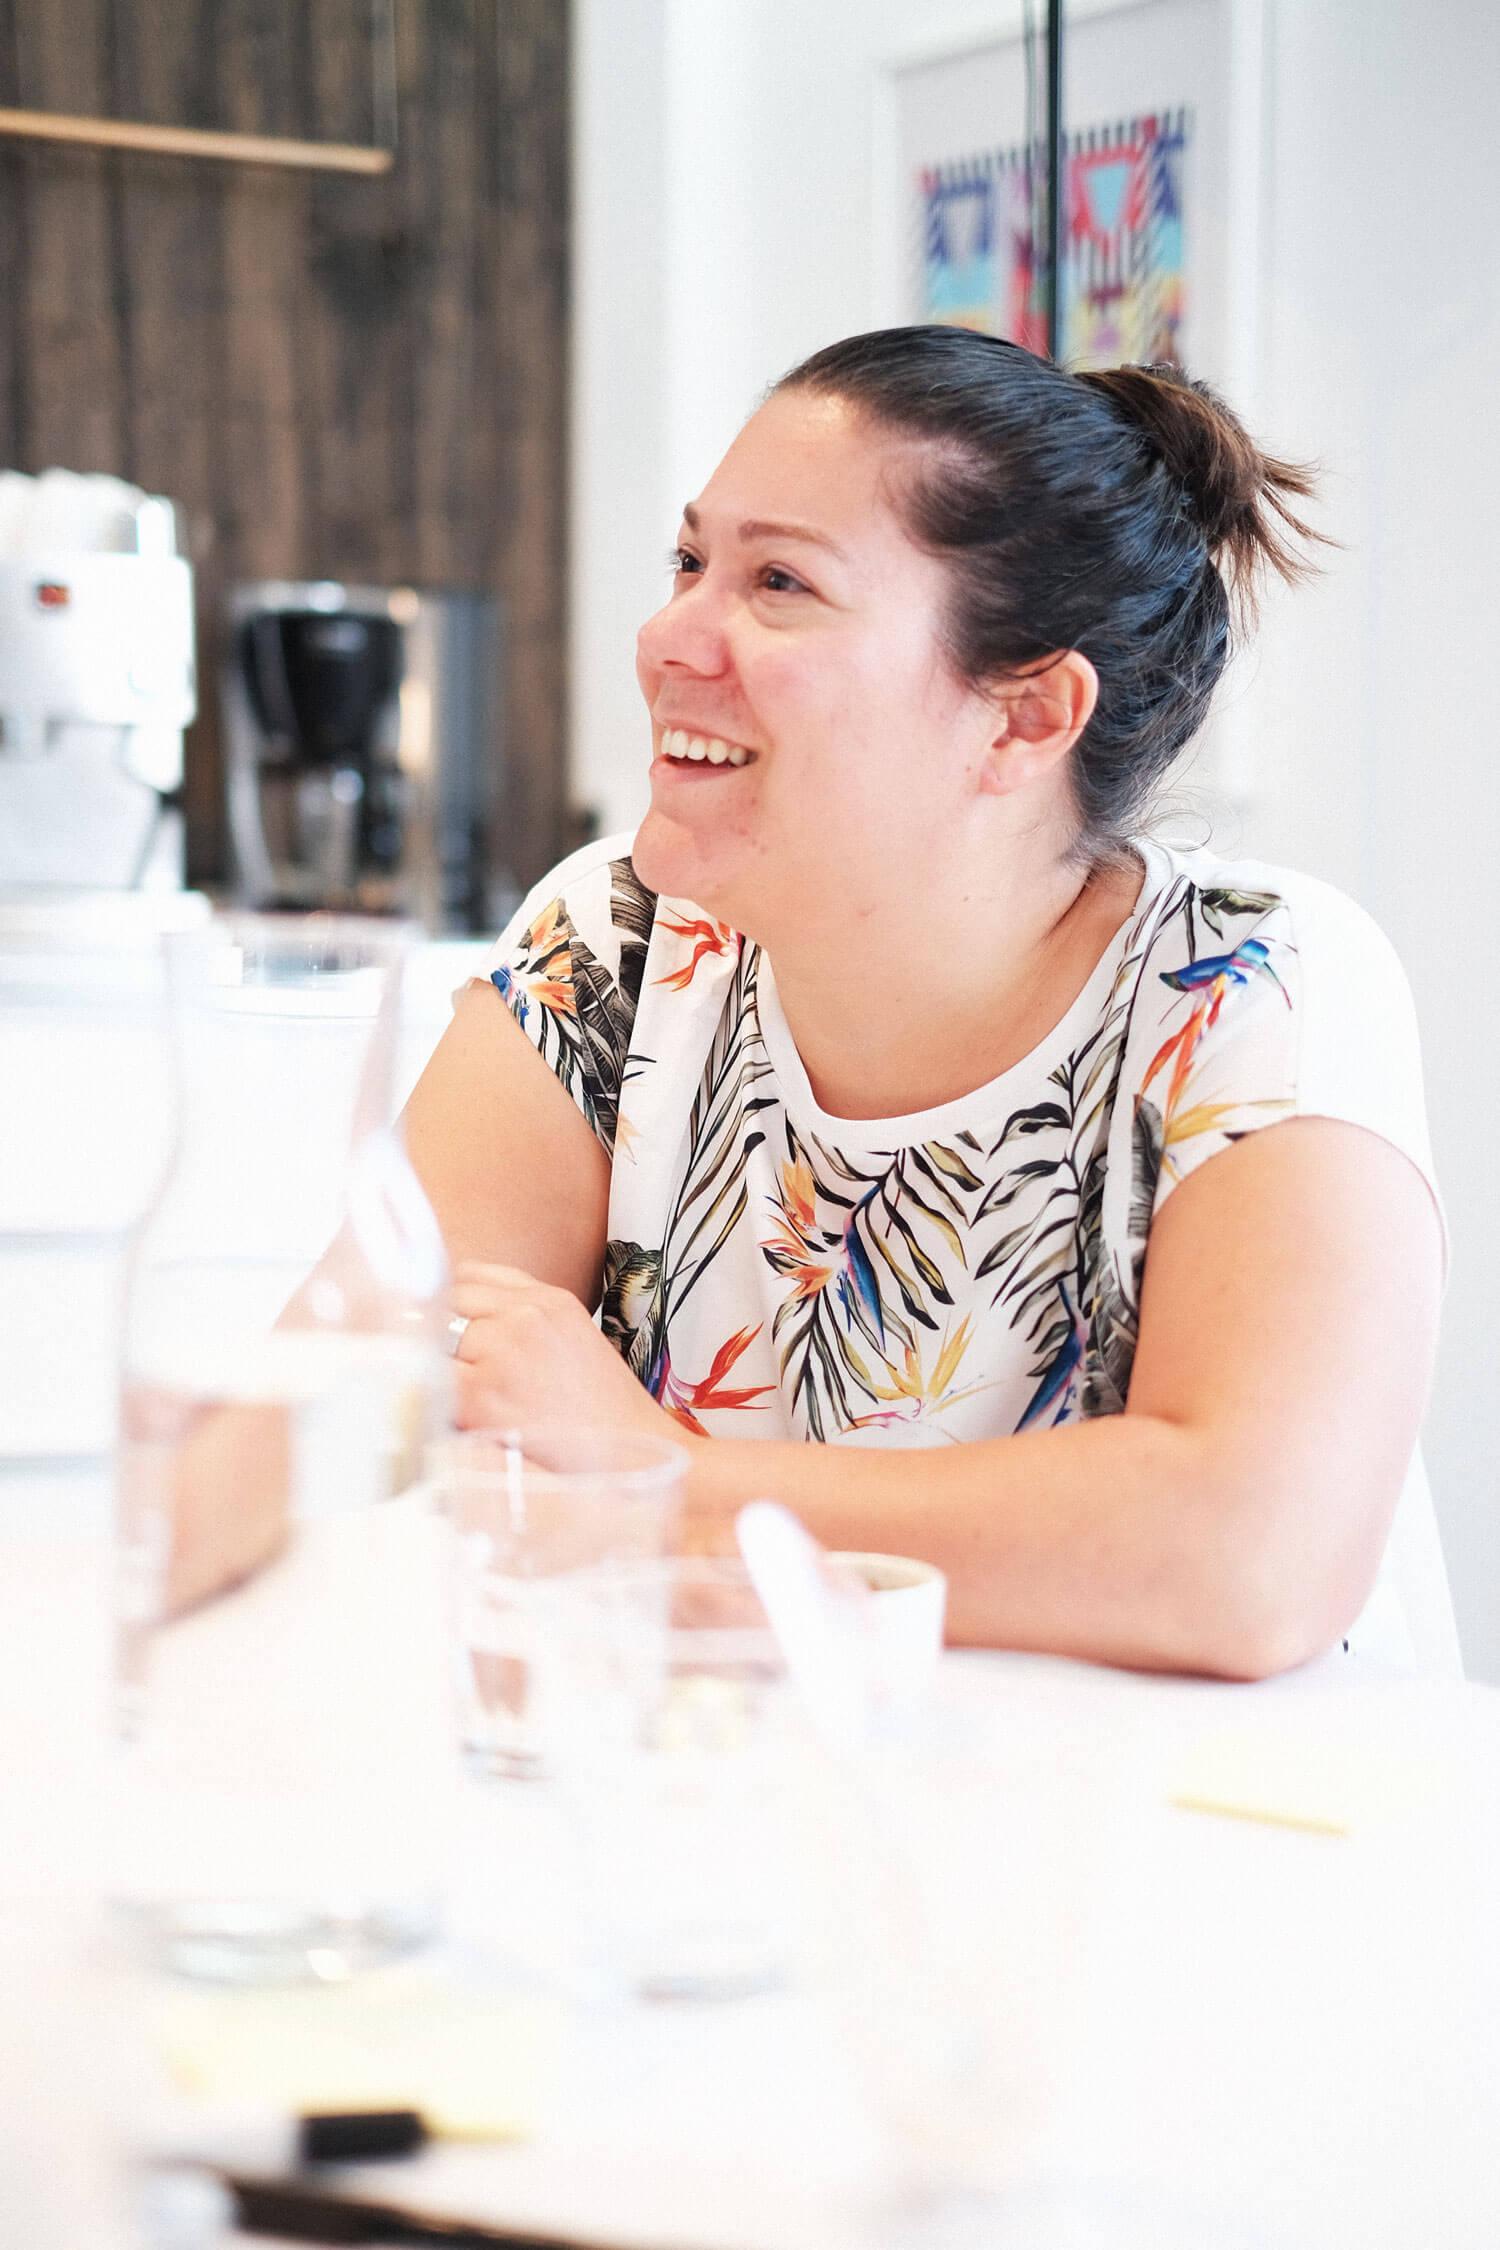 Vrouw zit aan tafel en lacht